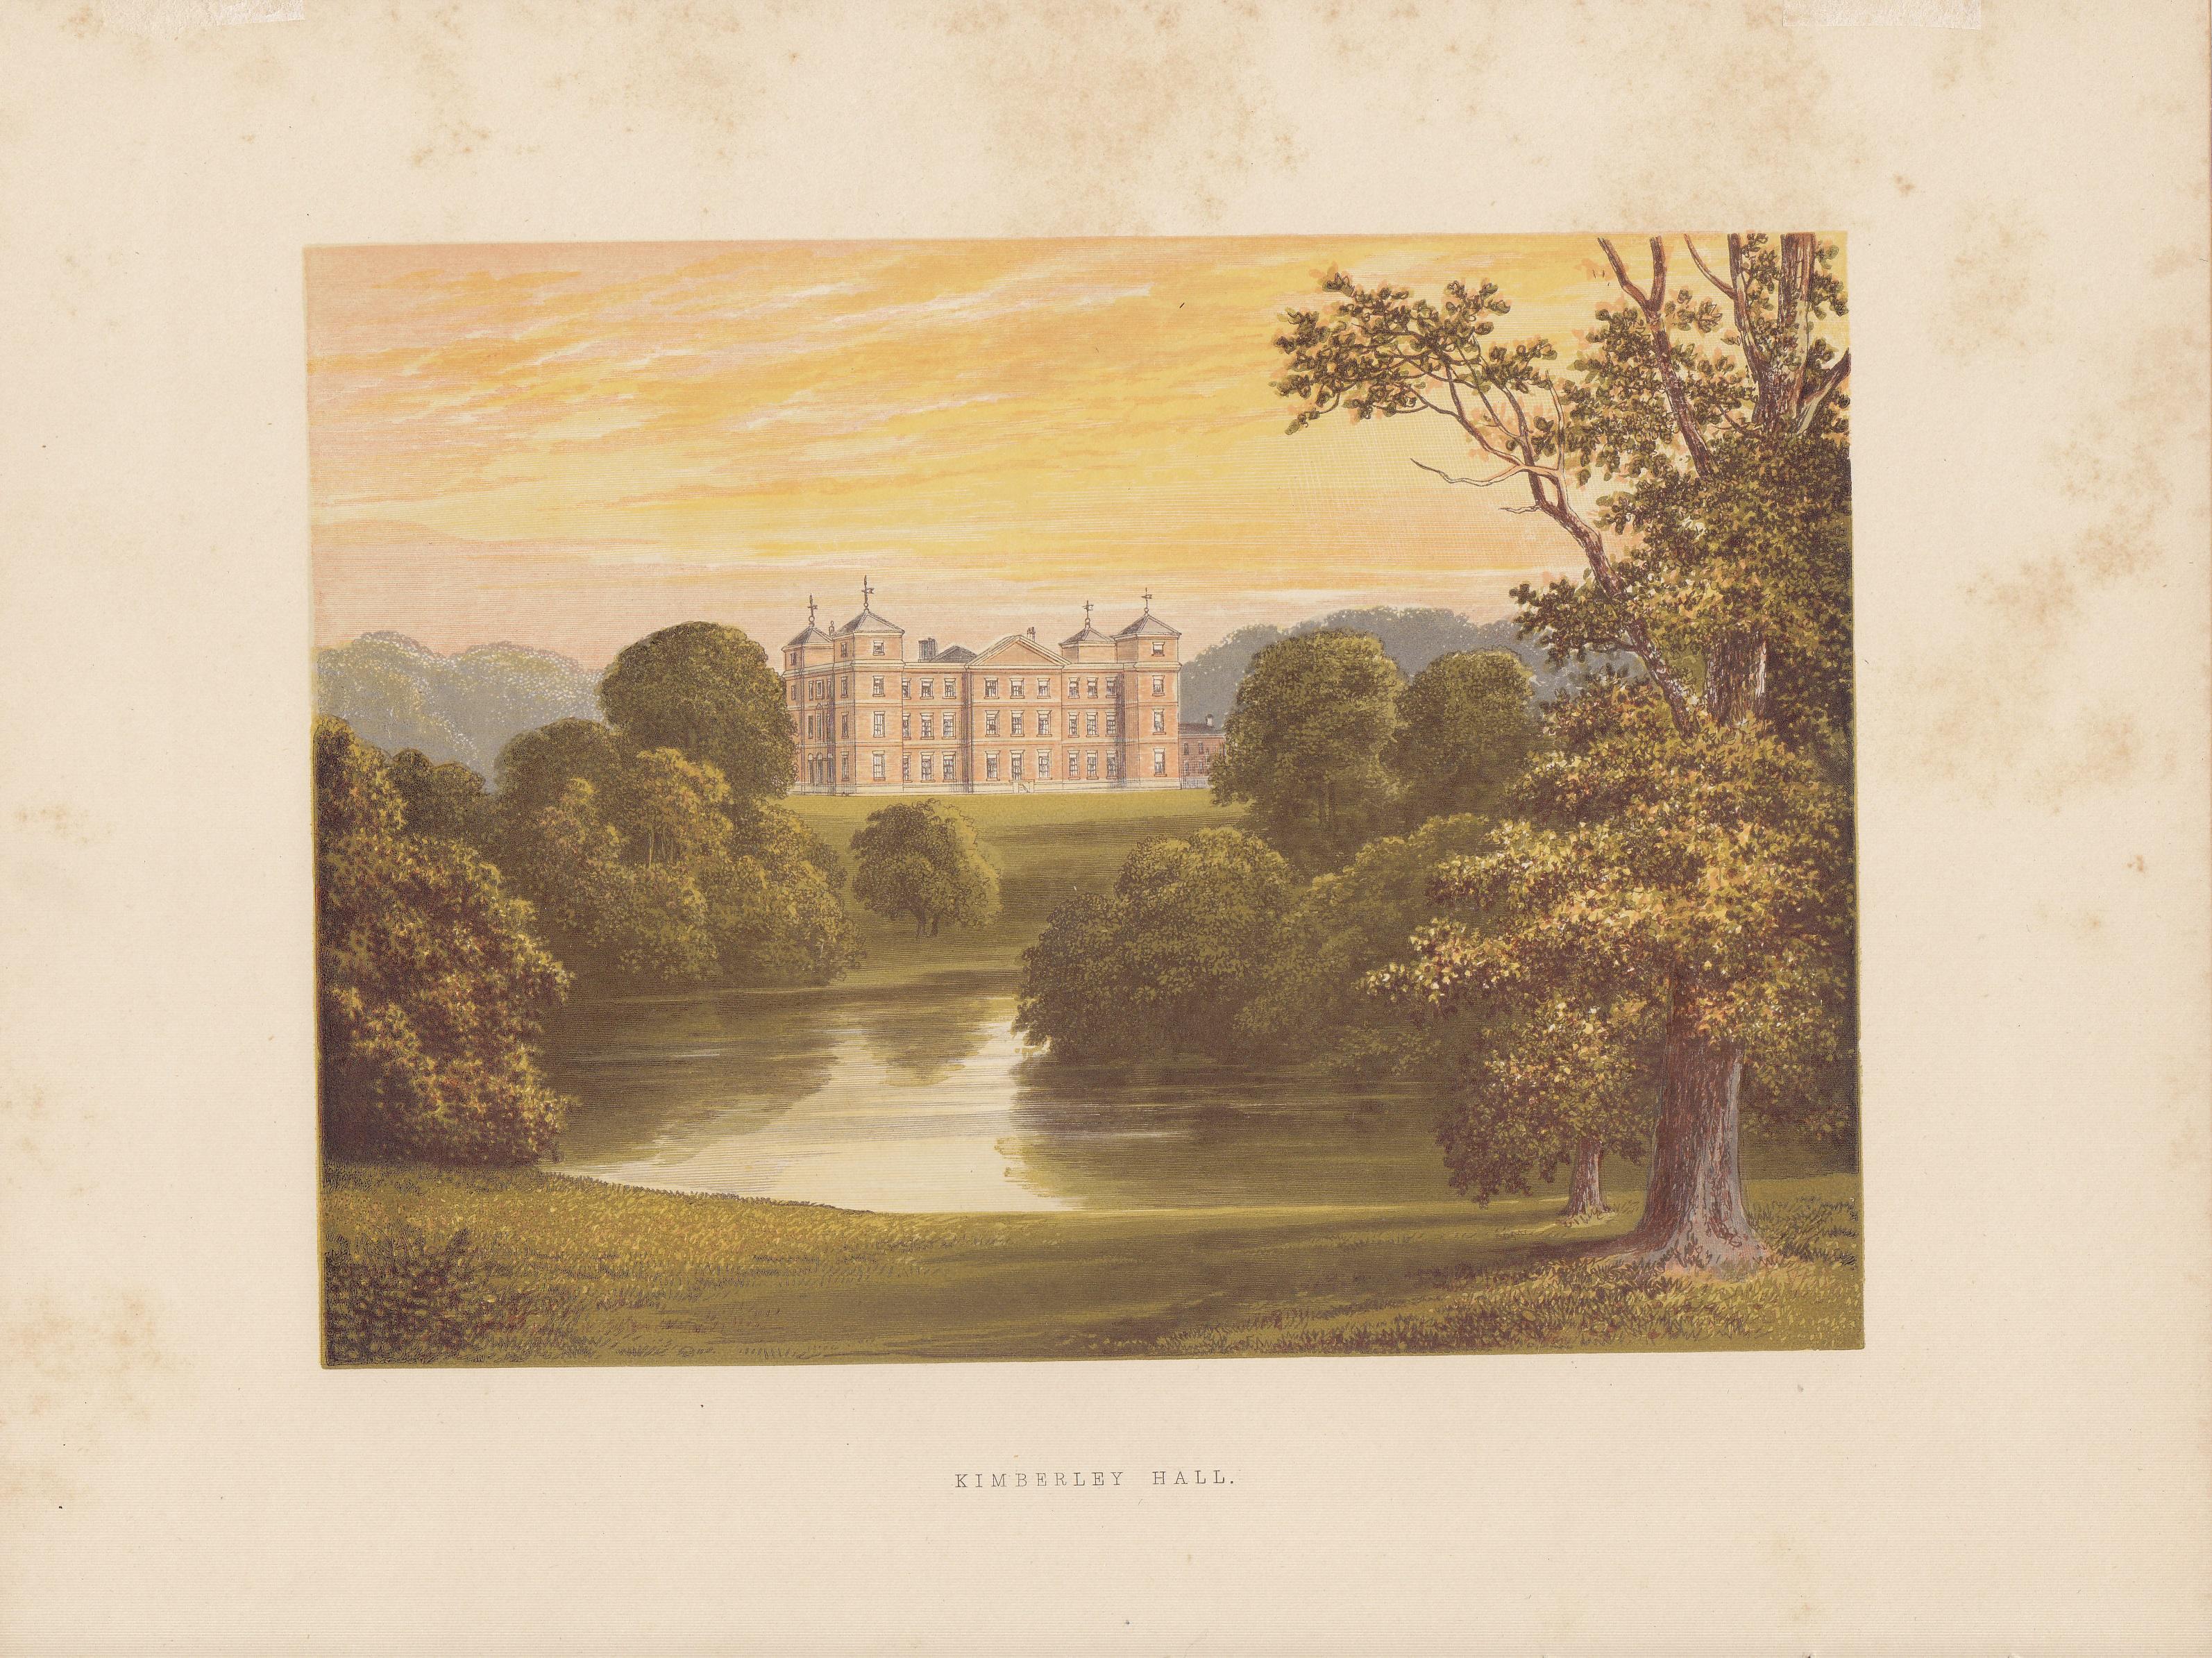 Kimberley Hall